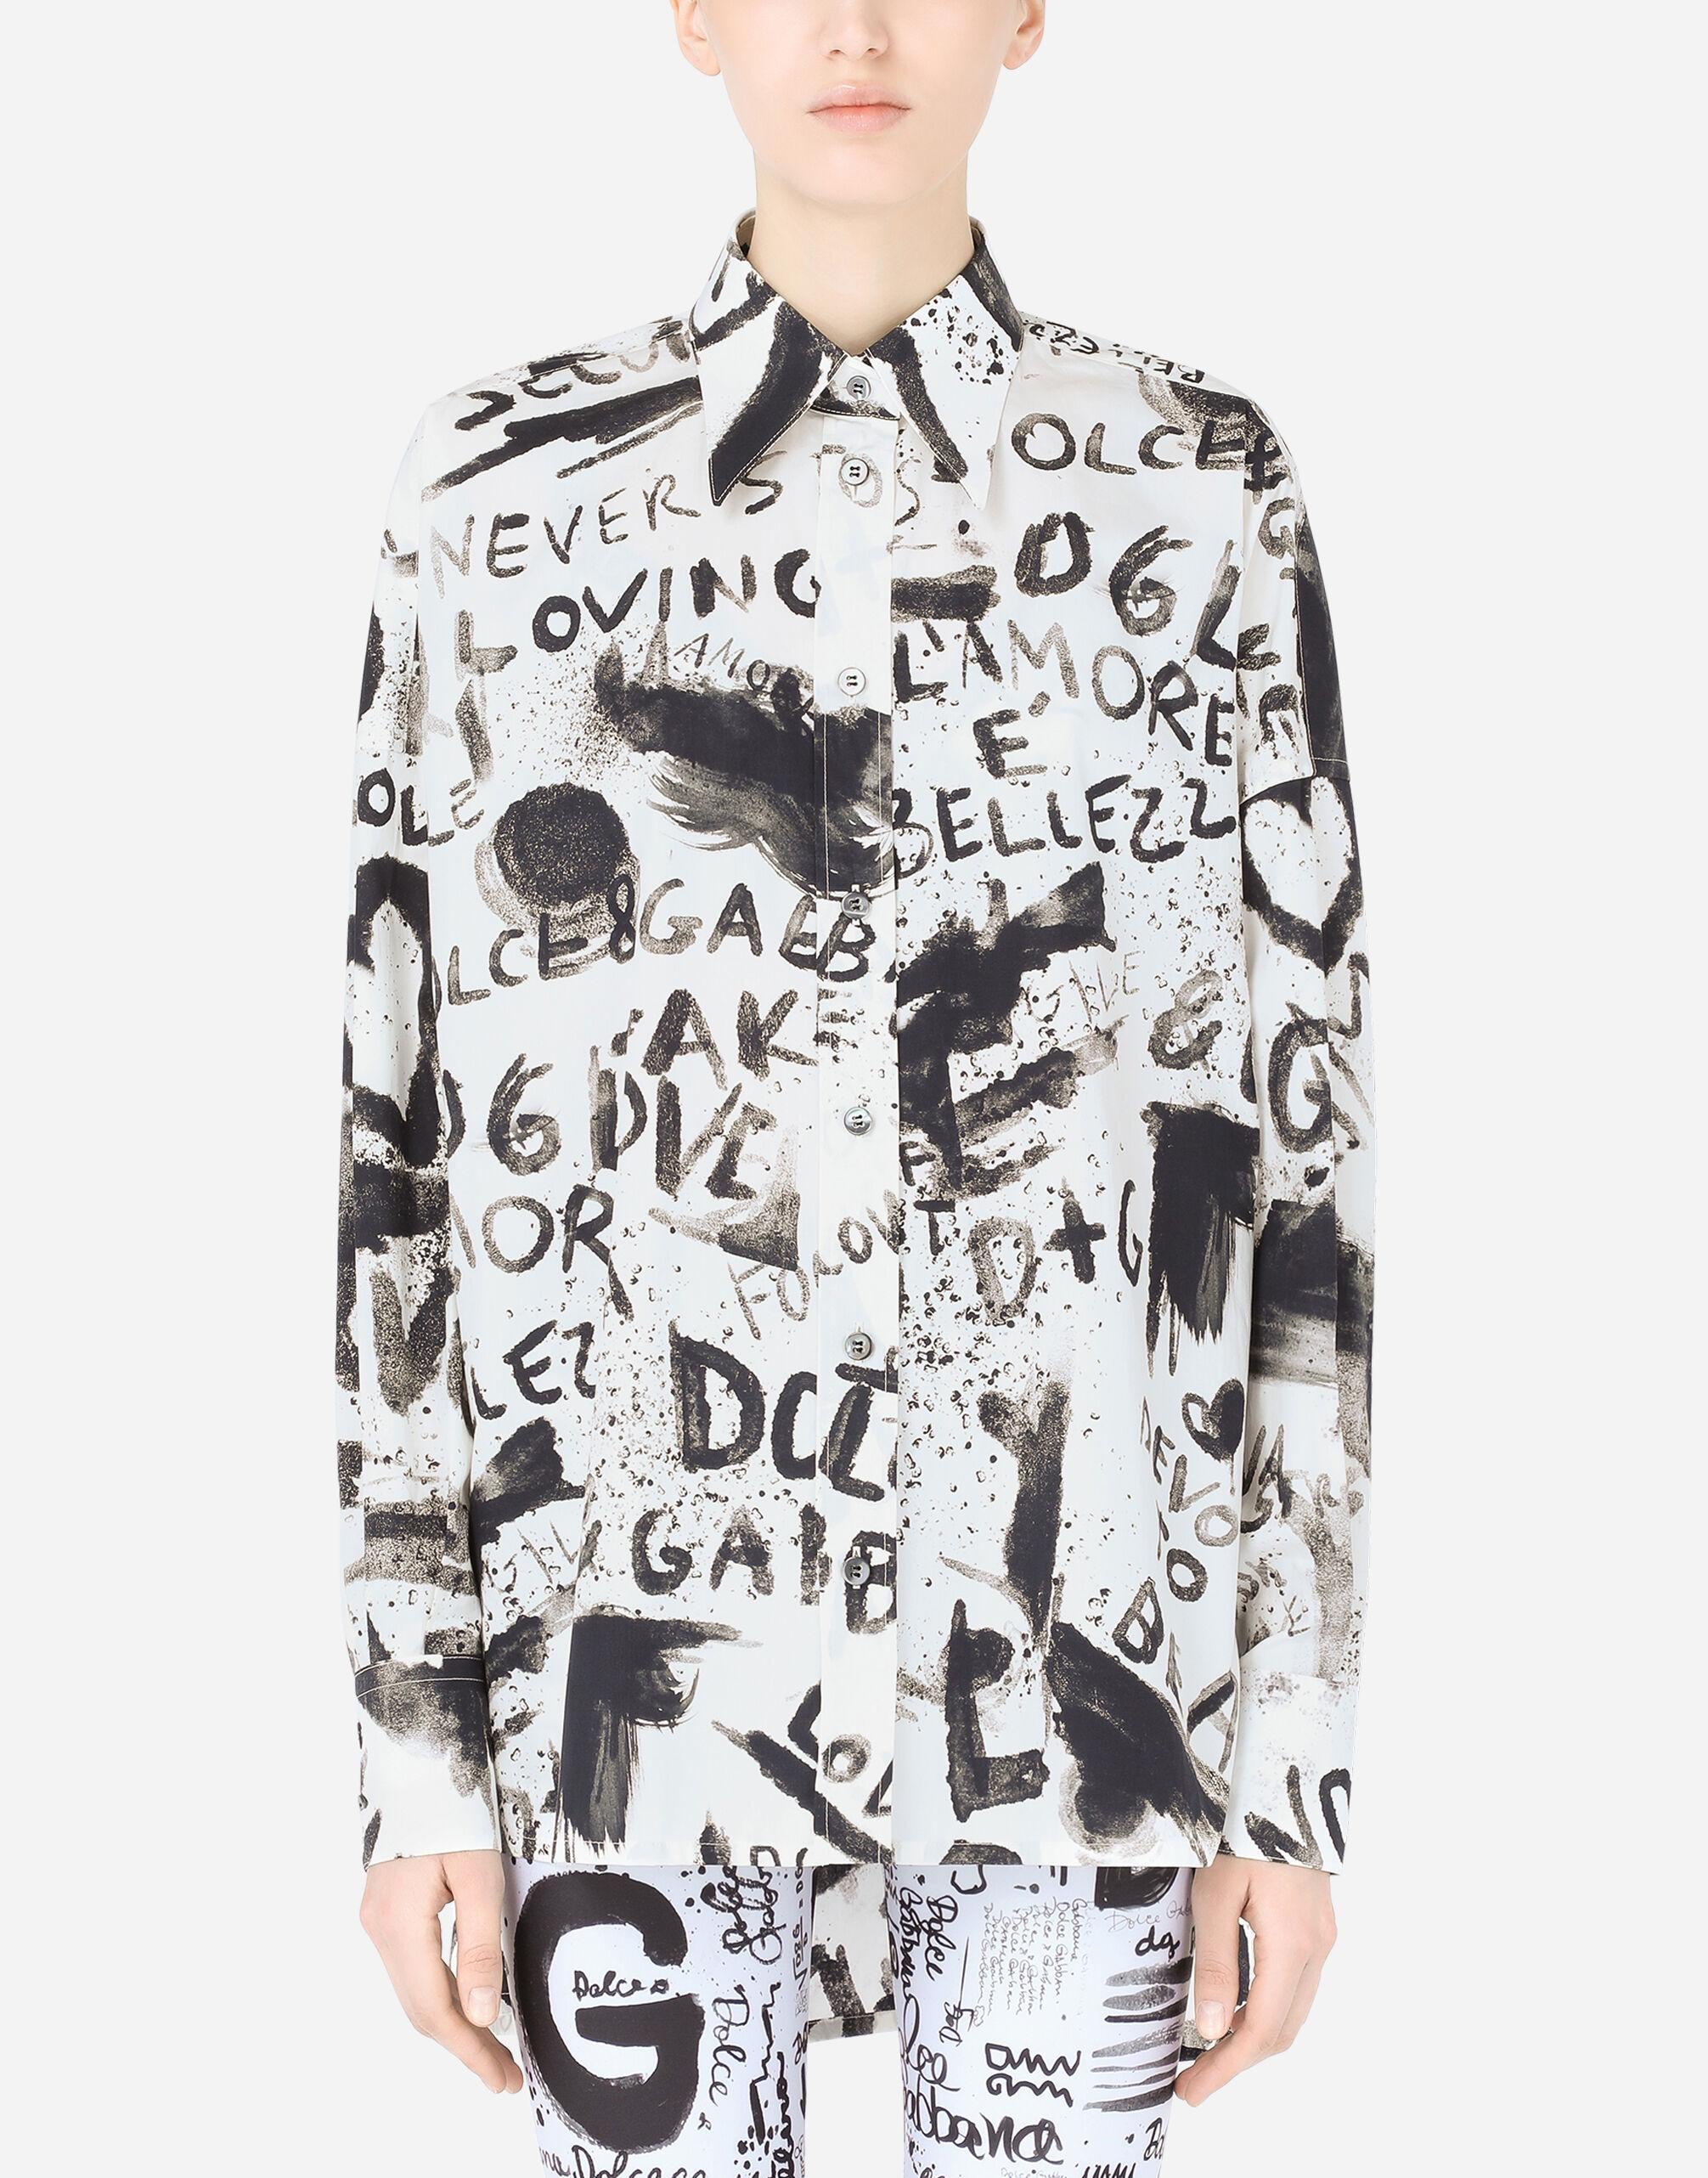 Camicia in popeline stampa DG graffiti